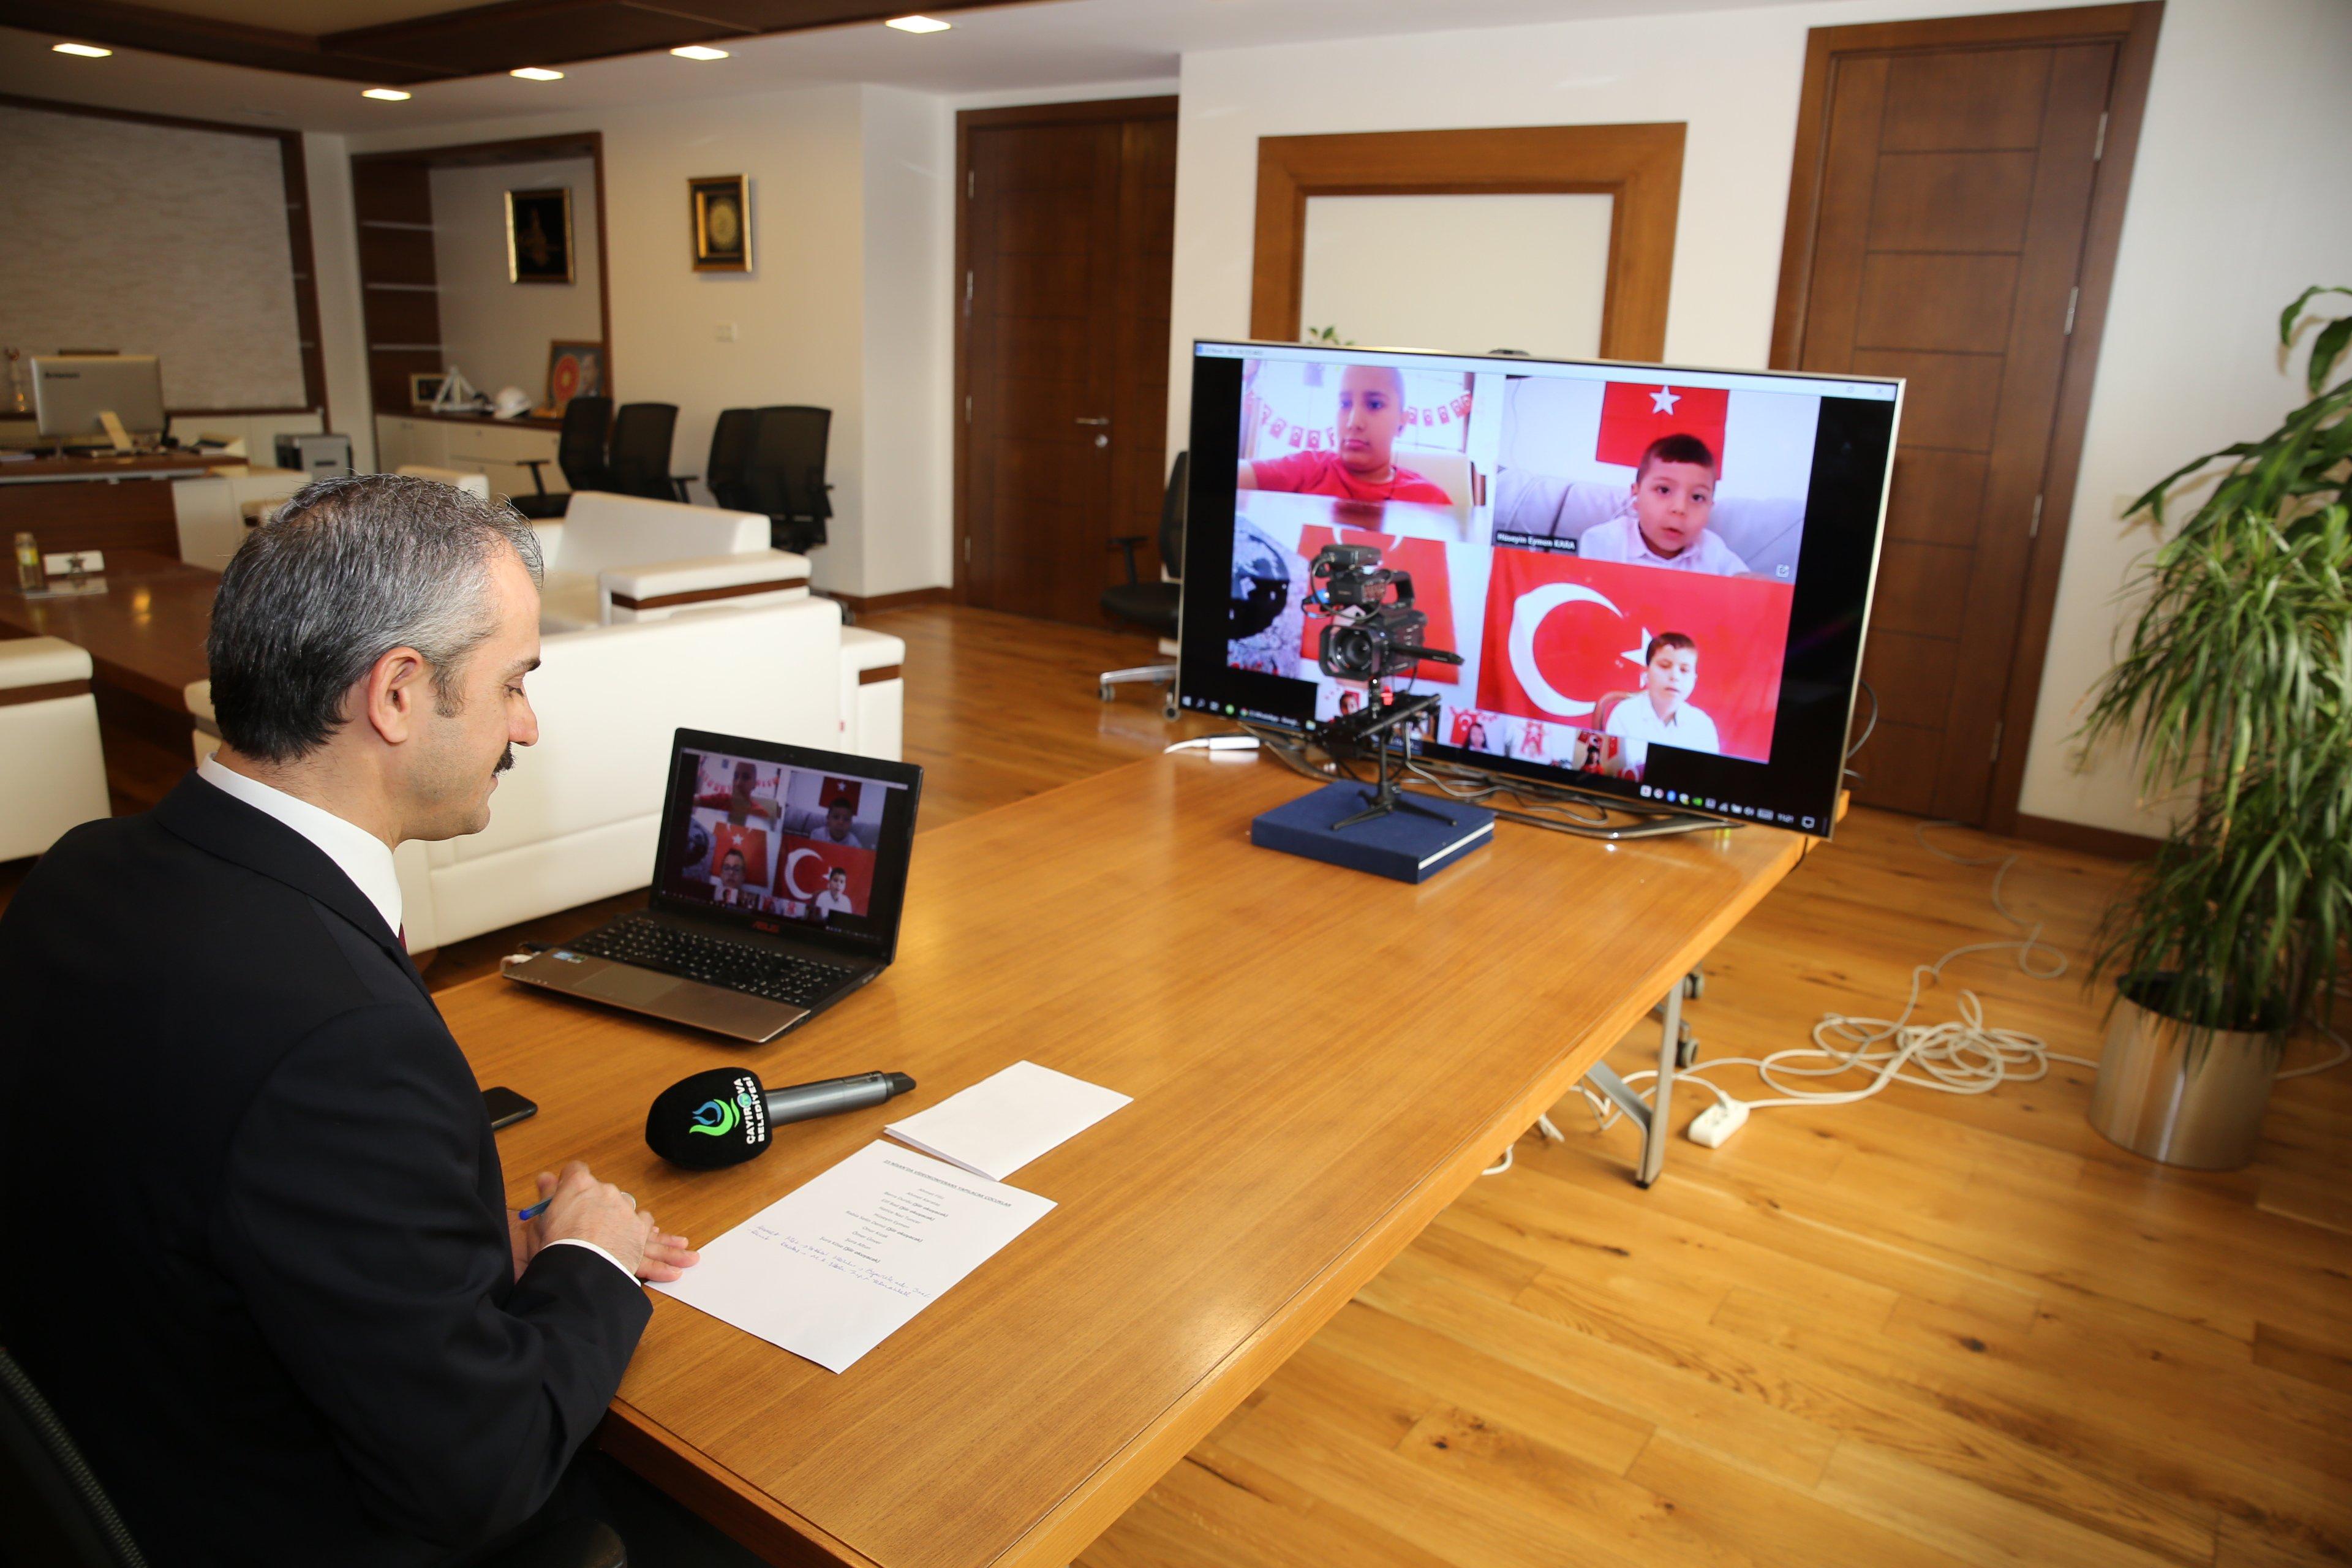 Çiftçi, çocukların coşkusuna video konferansla ortak oldu